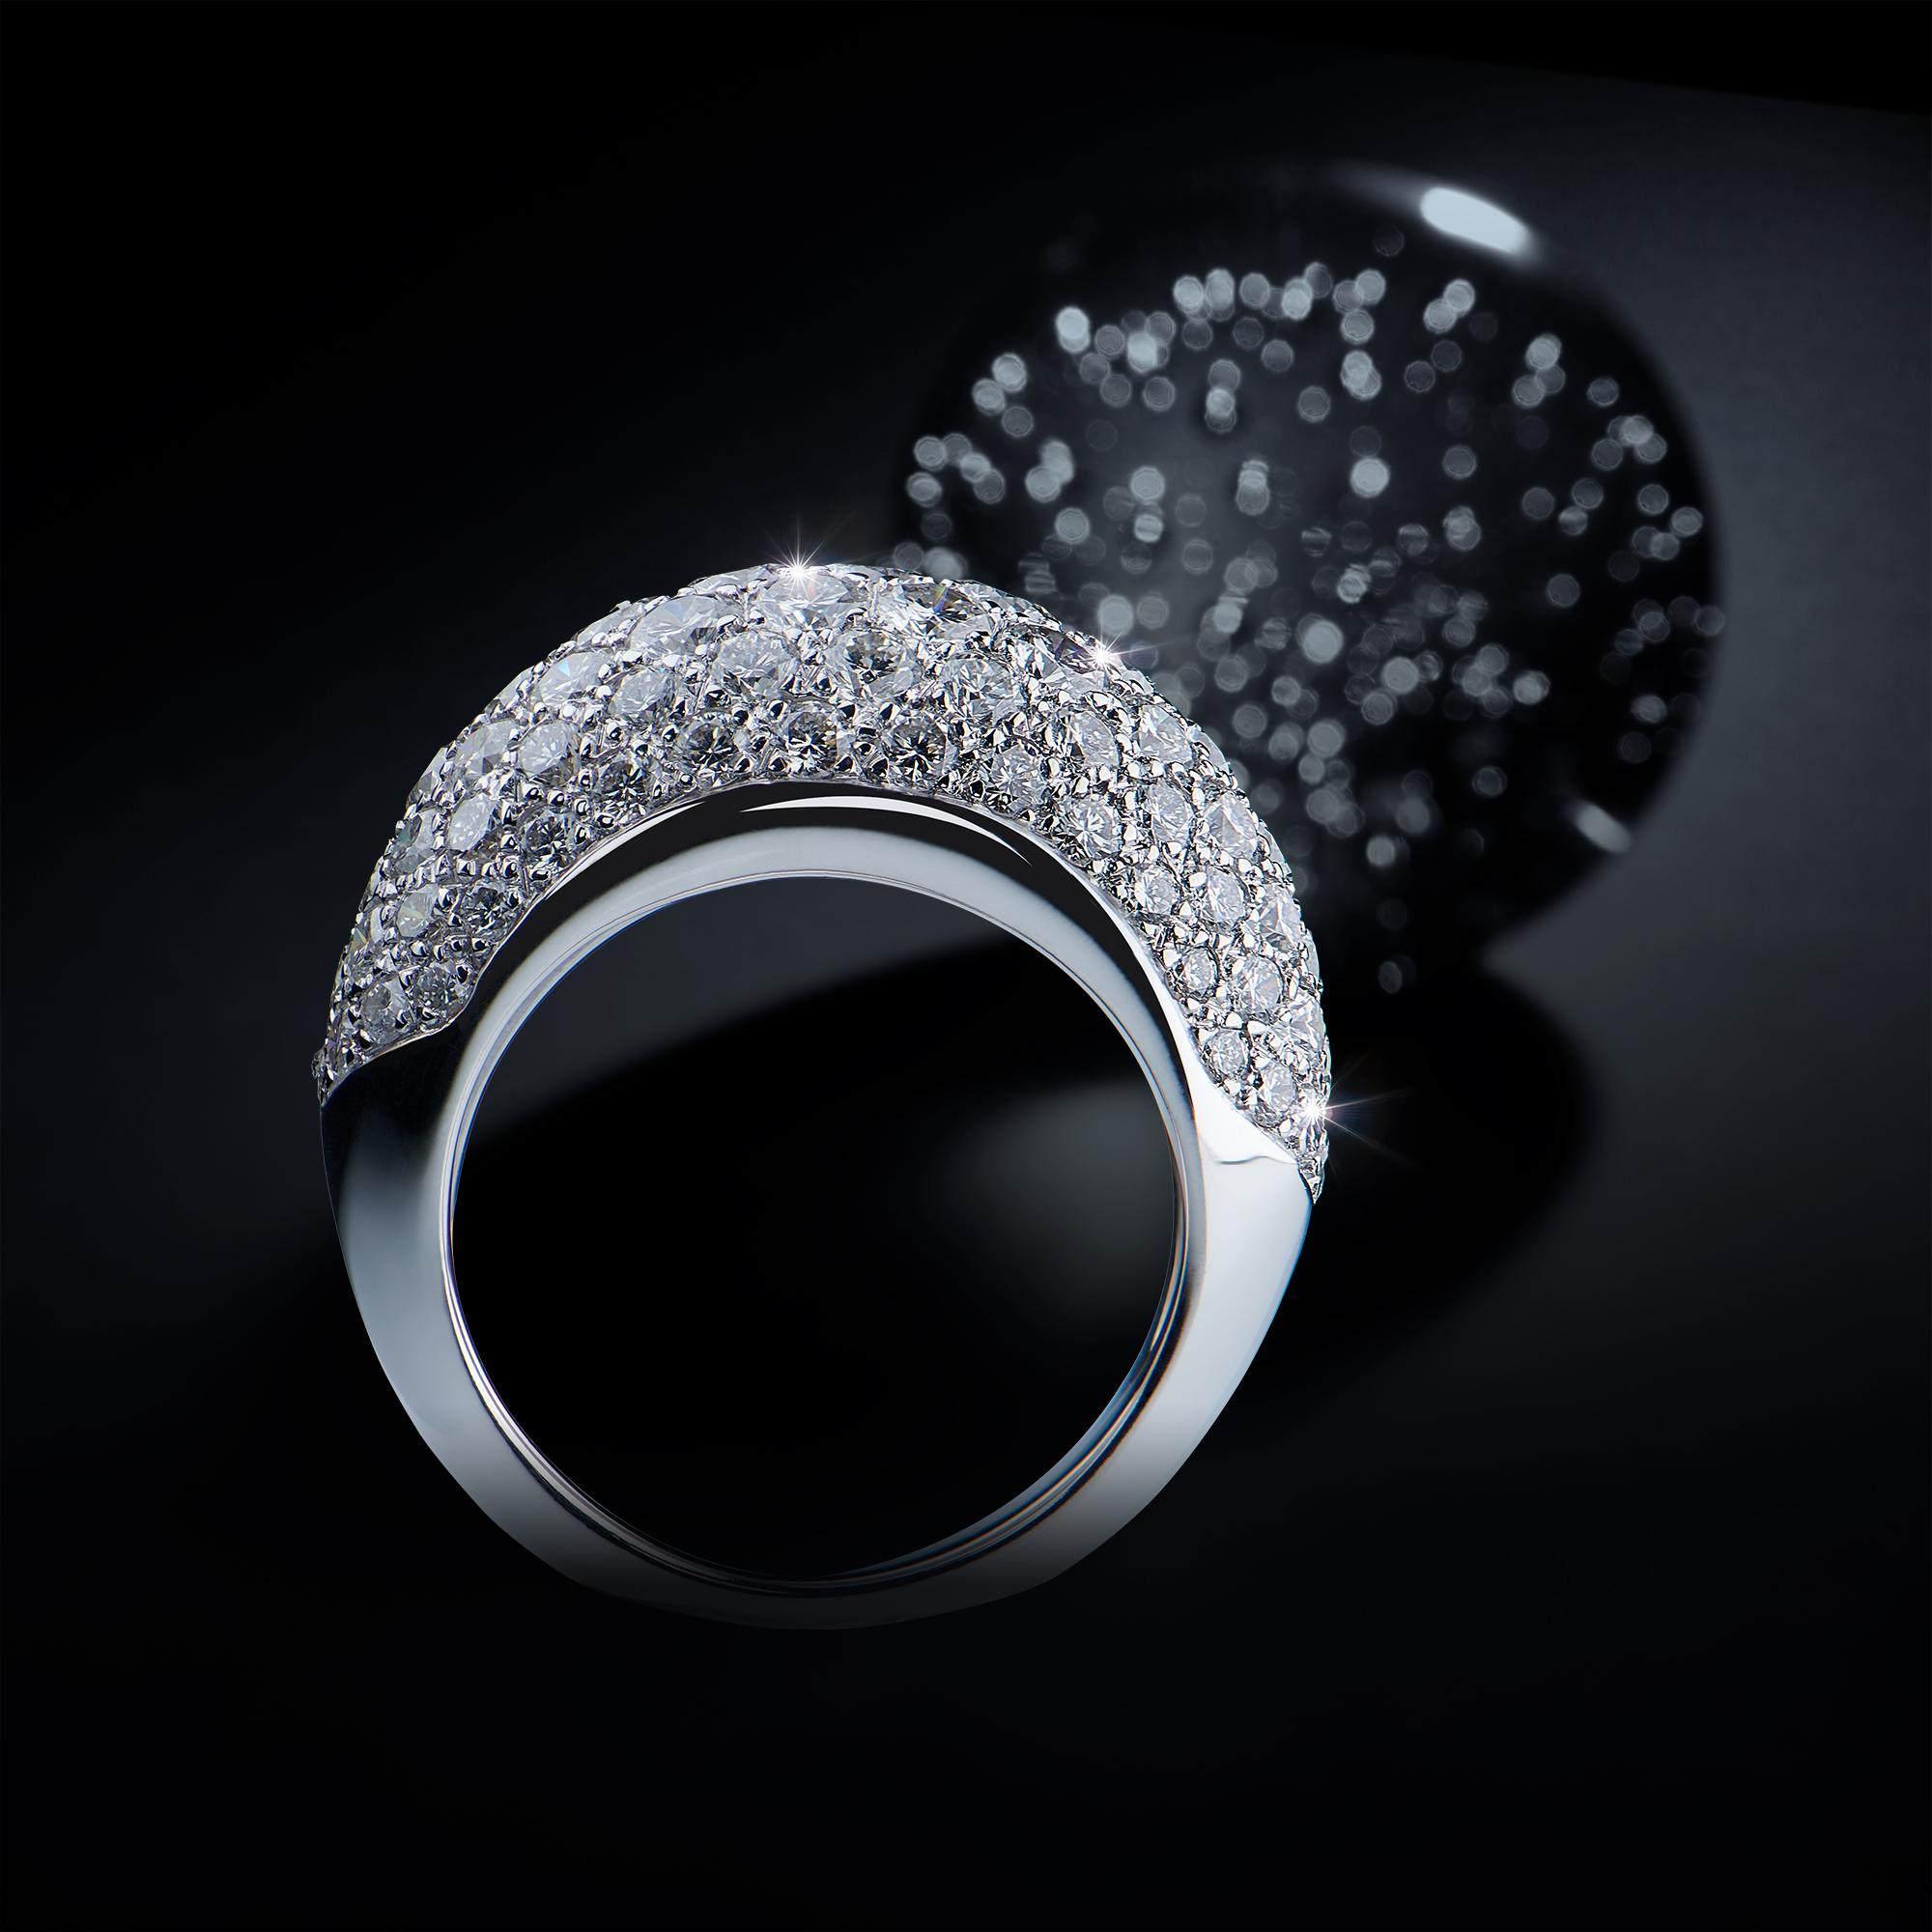 Bague or blanc 18 Ct 750/1000e, Palladium 210/1000e, sertie en pavage à grains de 96 diamants blancs de couleur F et de qualité VS pour un poids total de 4,60 carats.